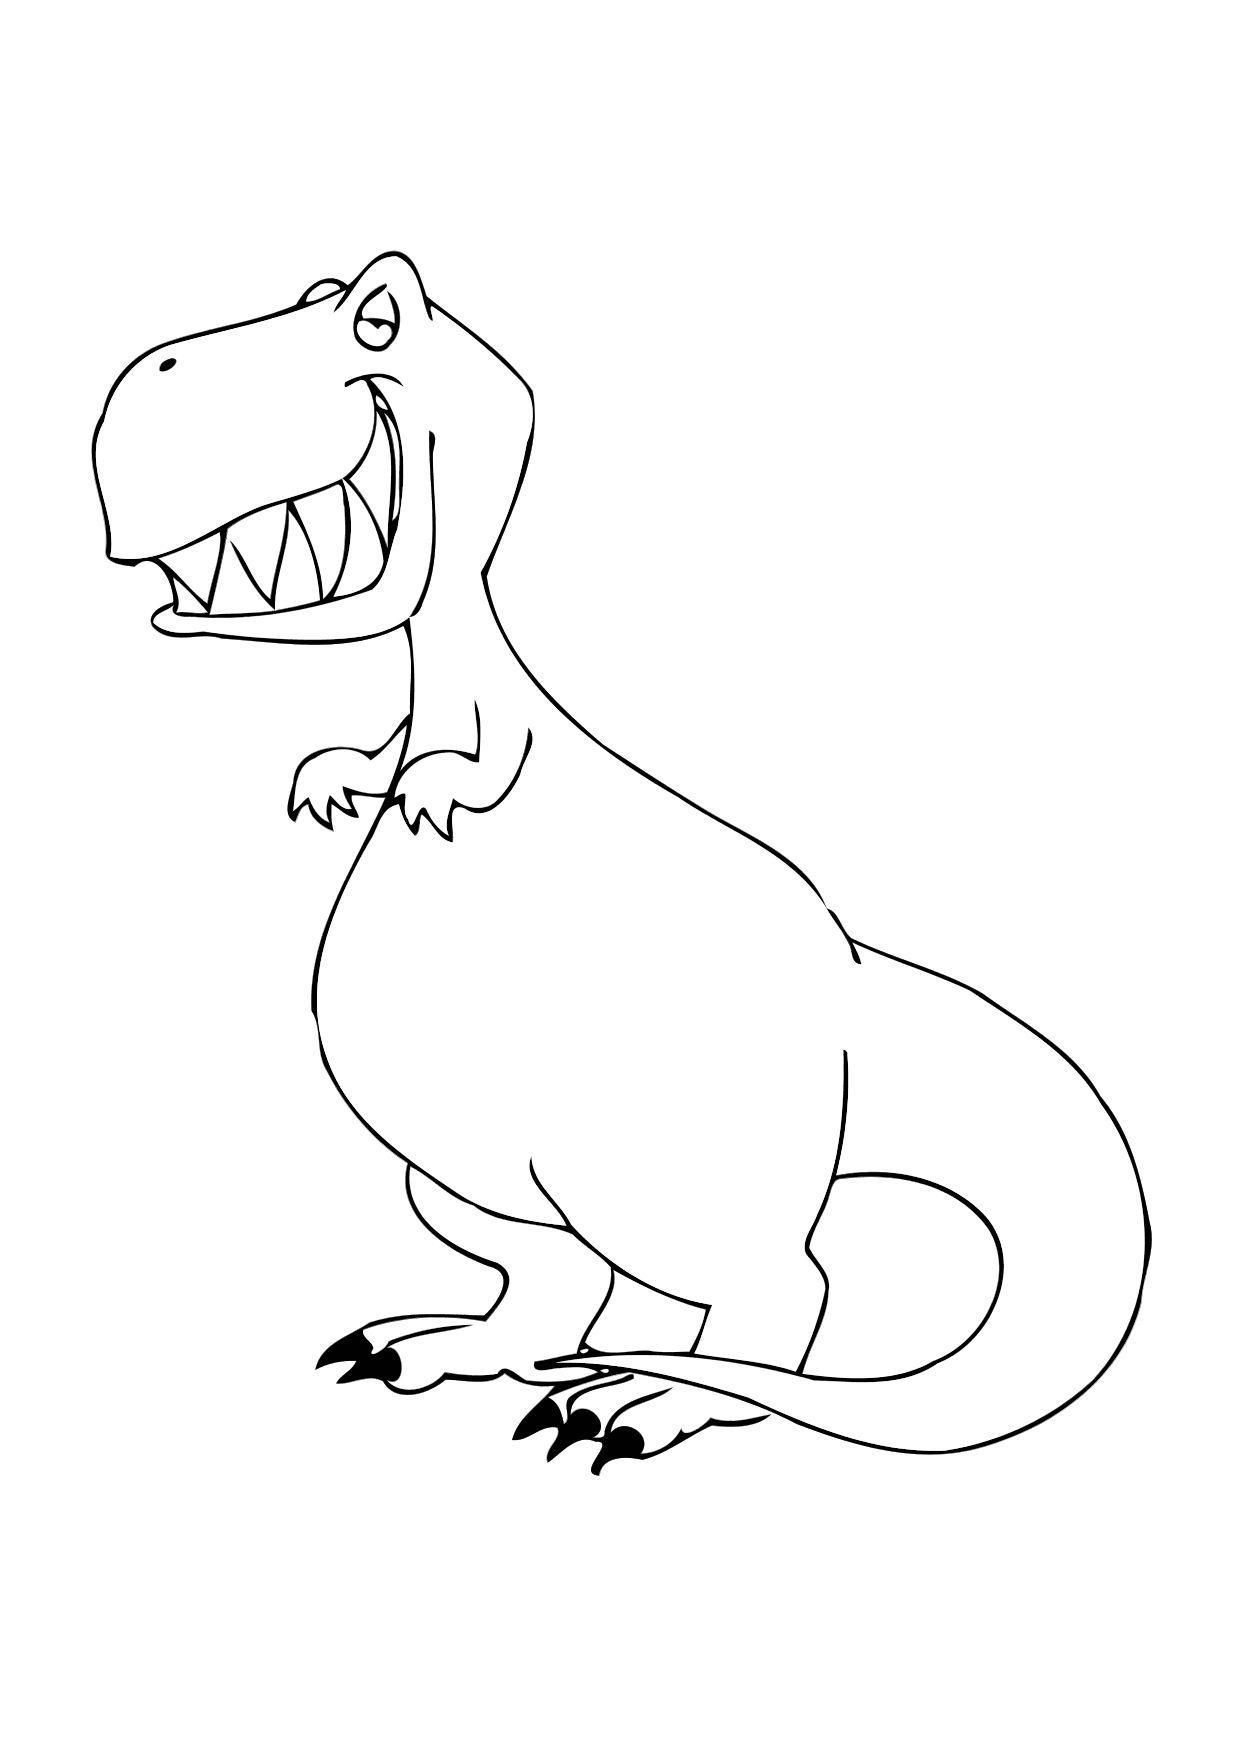 Disegno da colorare dinosauro cat 12304 - Disegno finestra da colorare ...